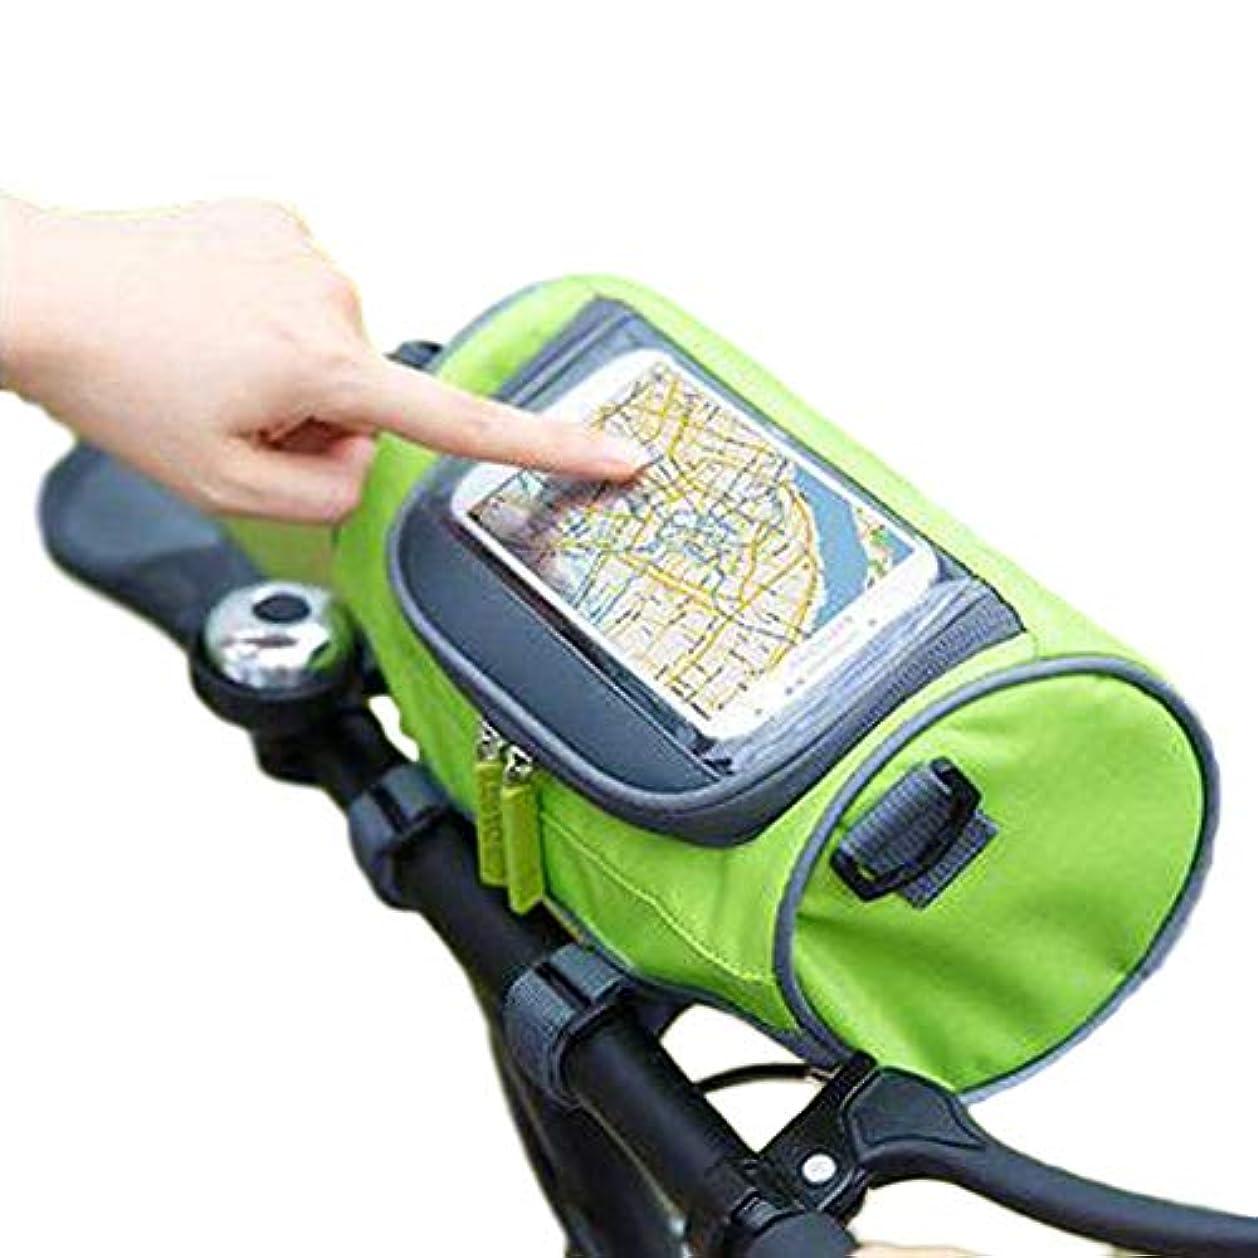 八百屋さん振るう市の中心部Ree バイクパック 防水 携帯電話マウント 4-6.5インチ 敏感なタッチスクリーン ポータブル ロードマウンテン バイク トップチューブ ハンドルバー フロントフレームバッグ 携帯電話ホルダー